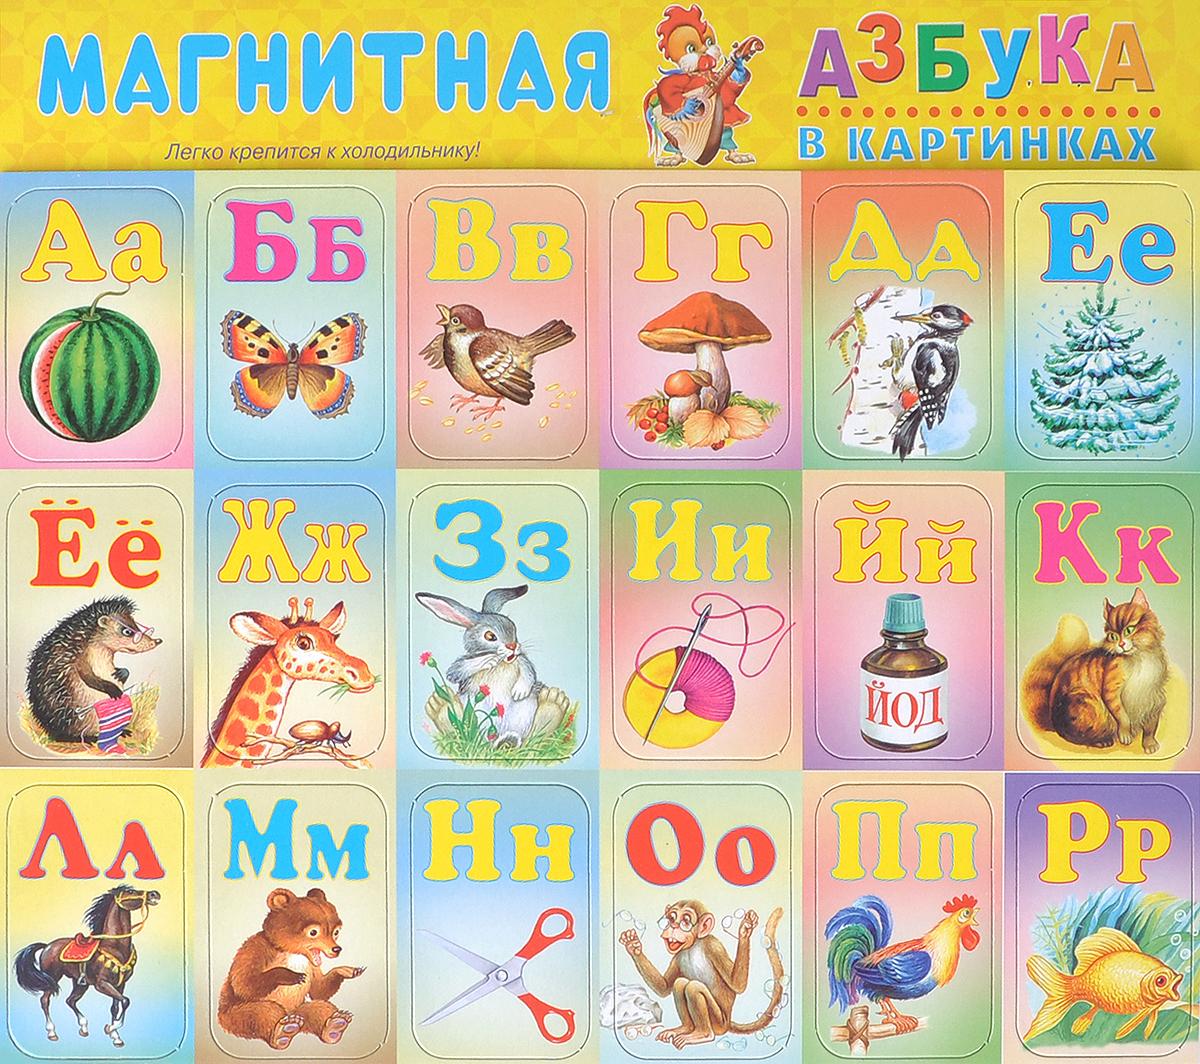 Магнитная азбука в картинках